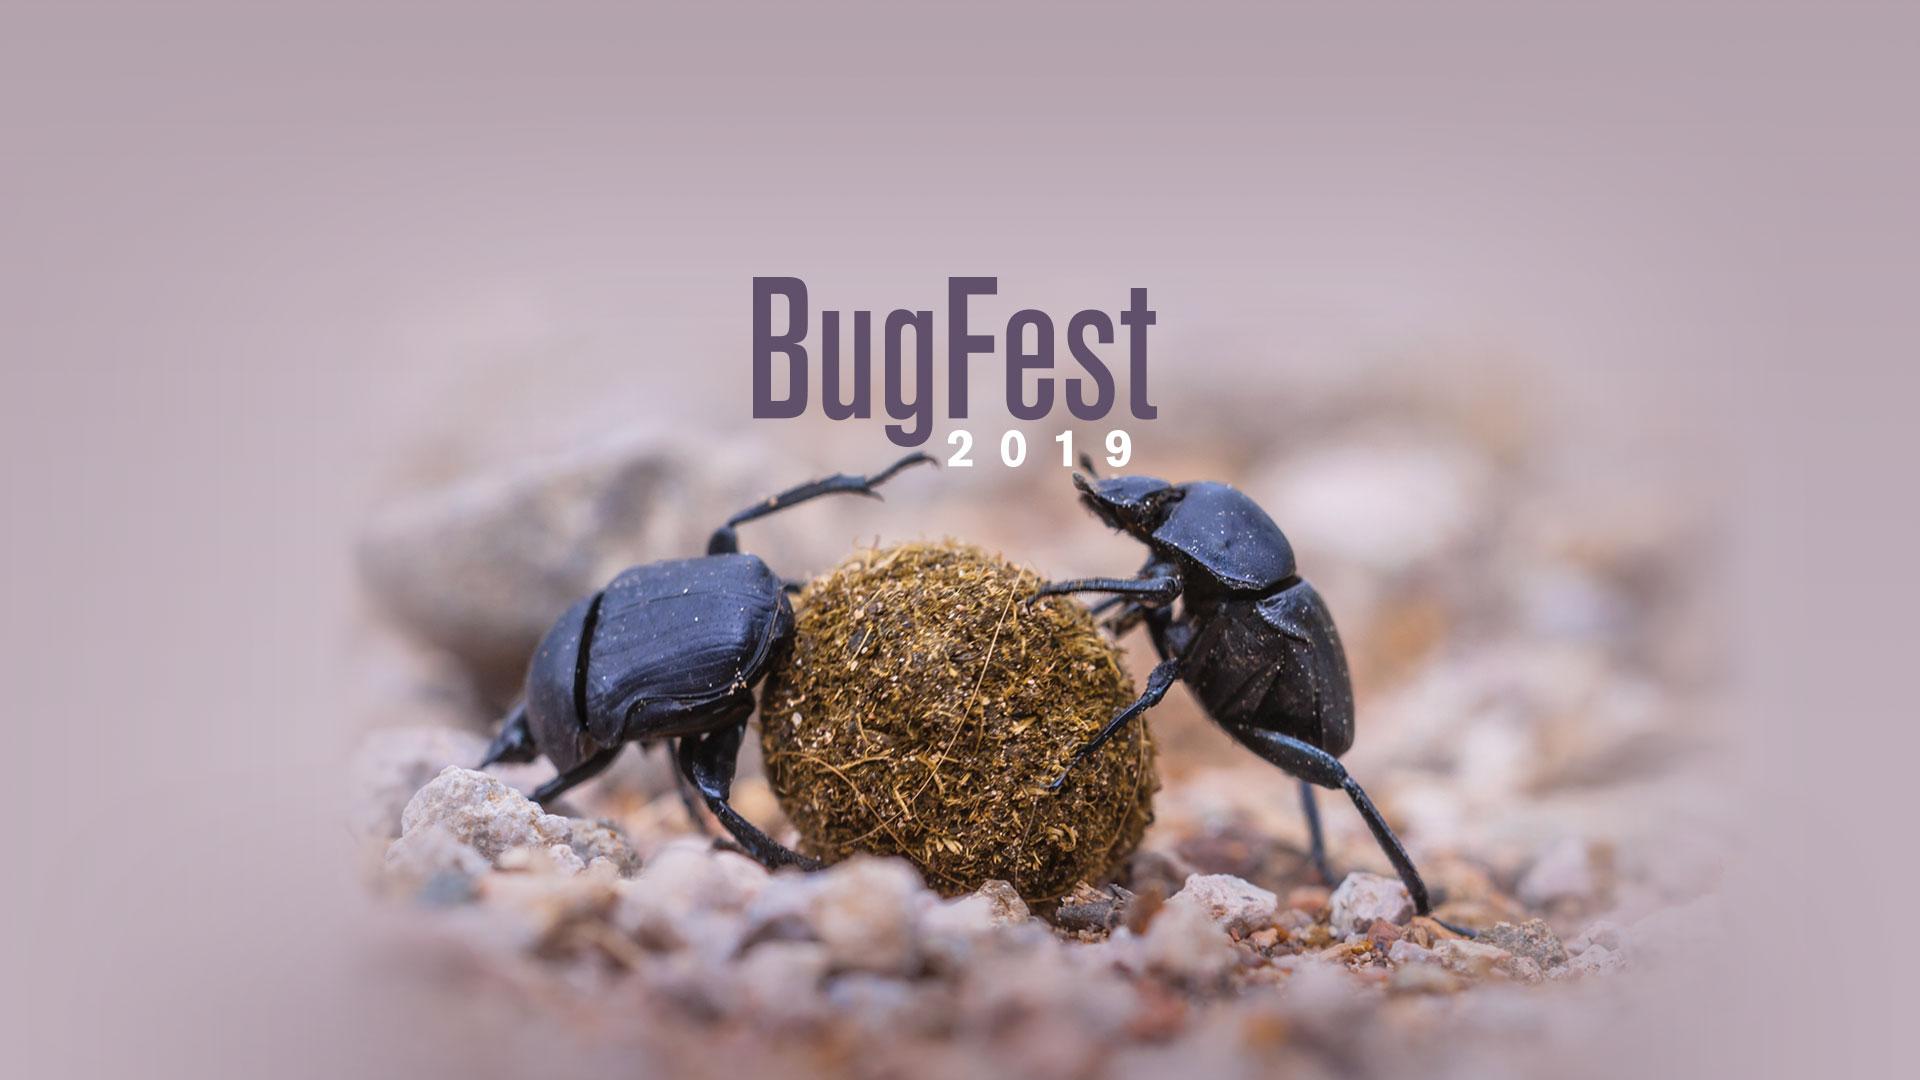 Bugfest: September 21, 2019